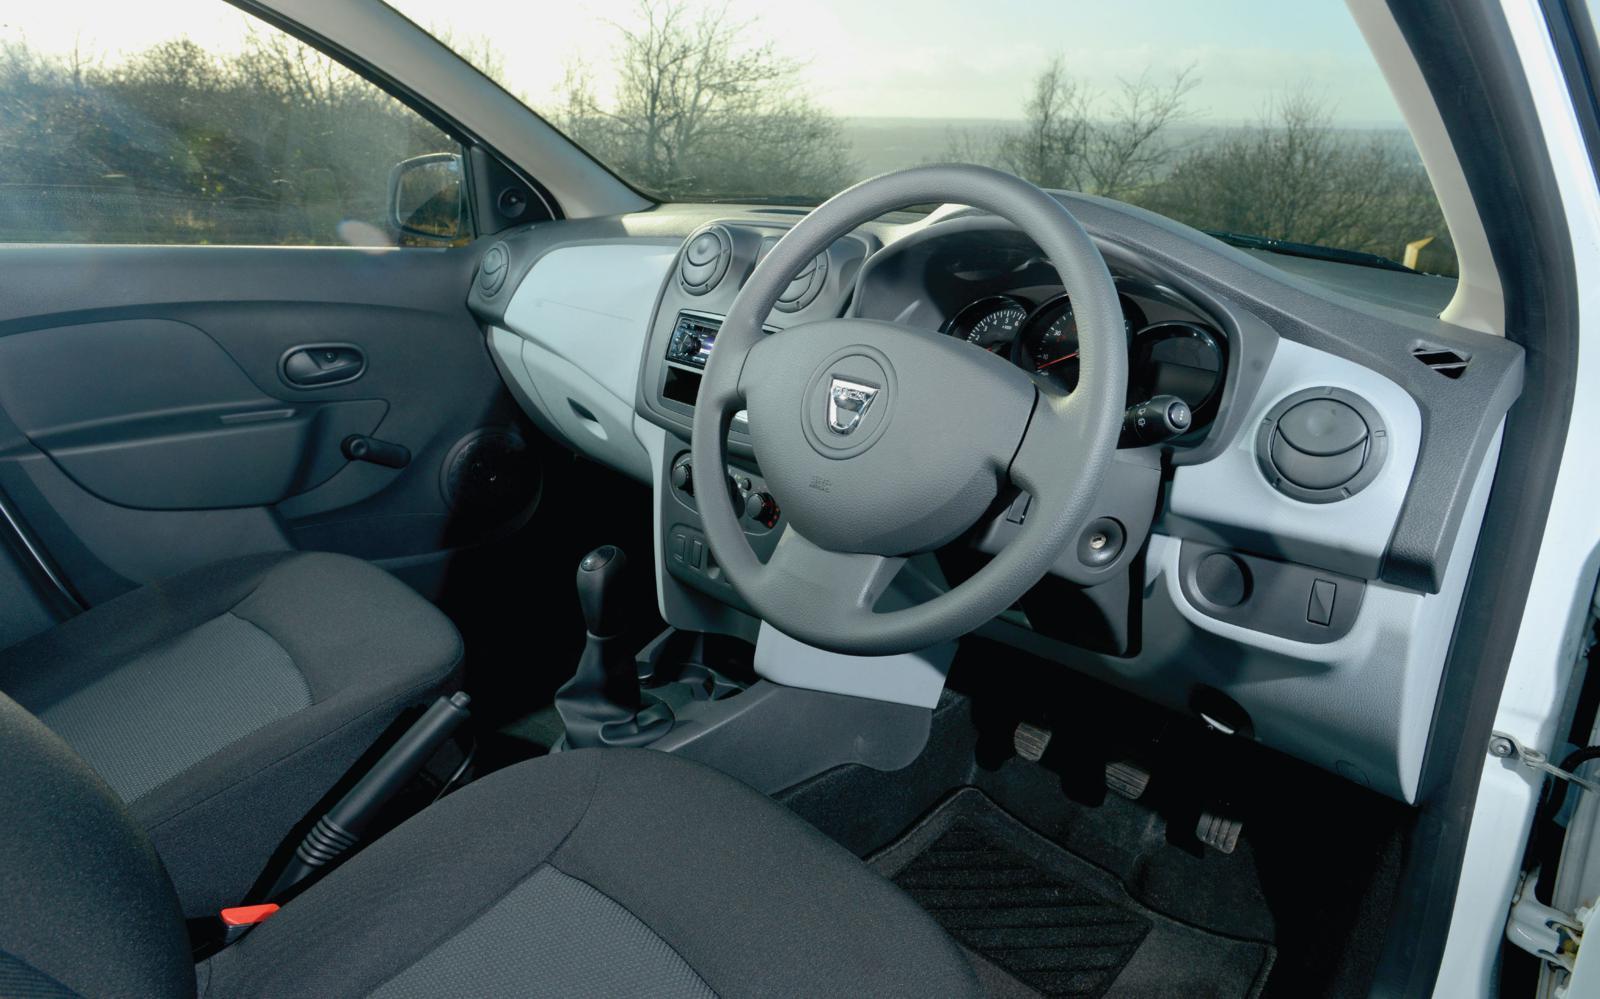 Dacia Sandero Access 2013 Interior Front Seat Driver